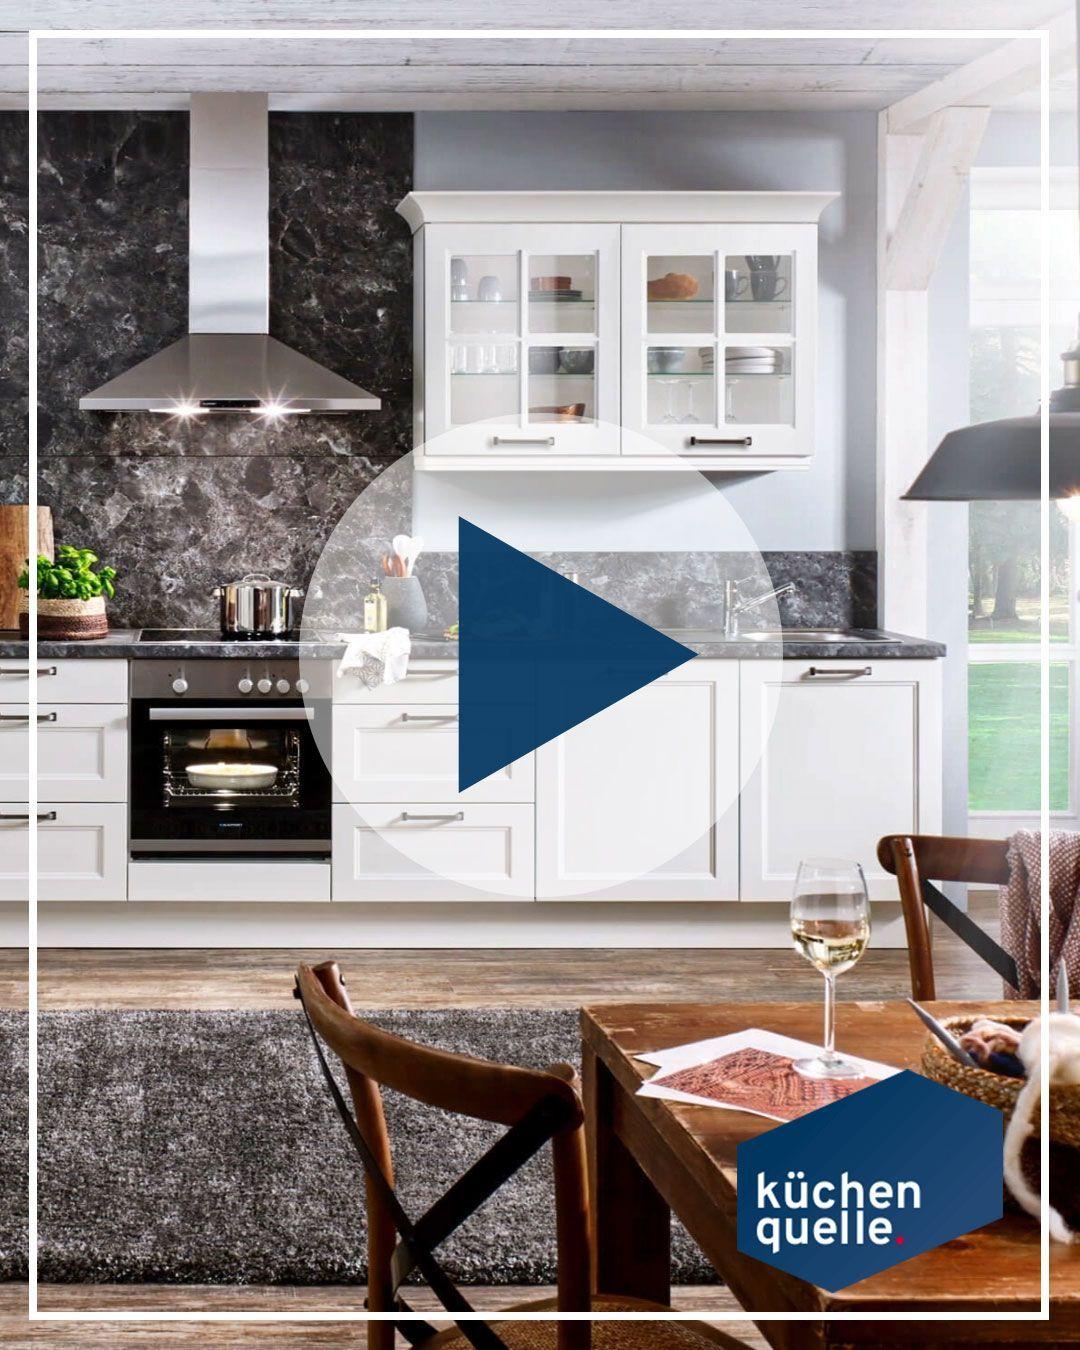 Profitiere von unserer individuellen Küchenberatung direkt